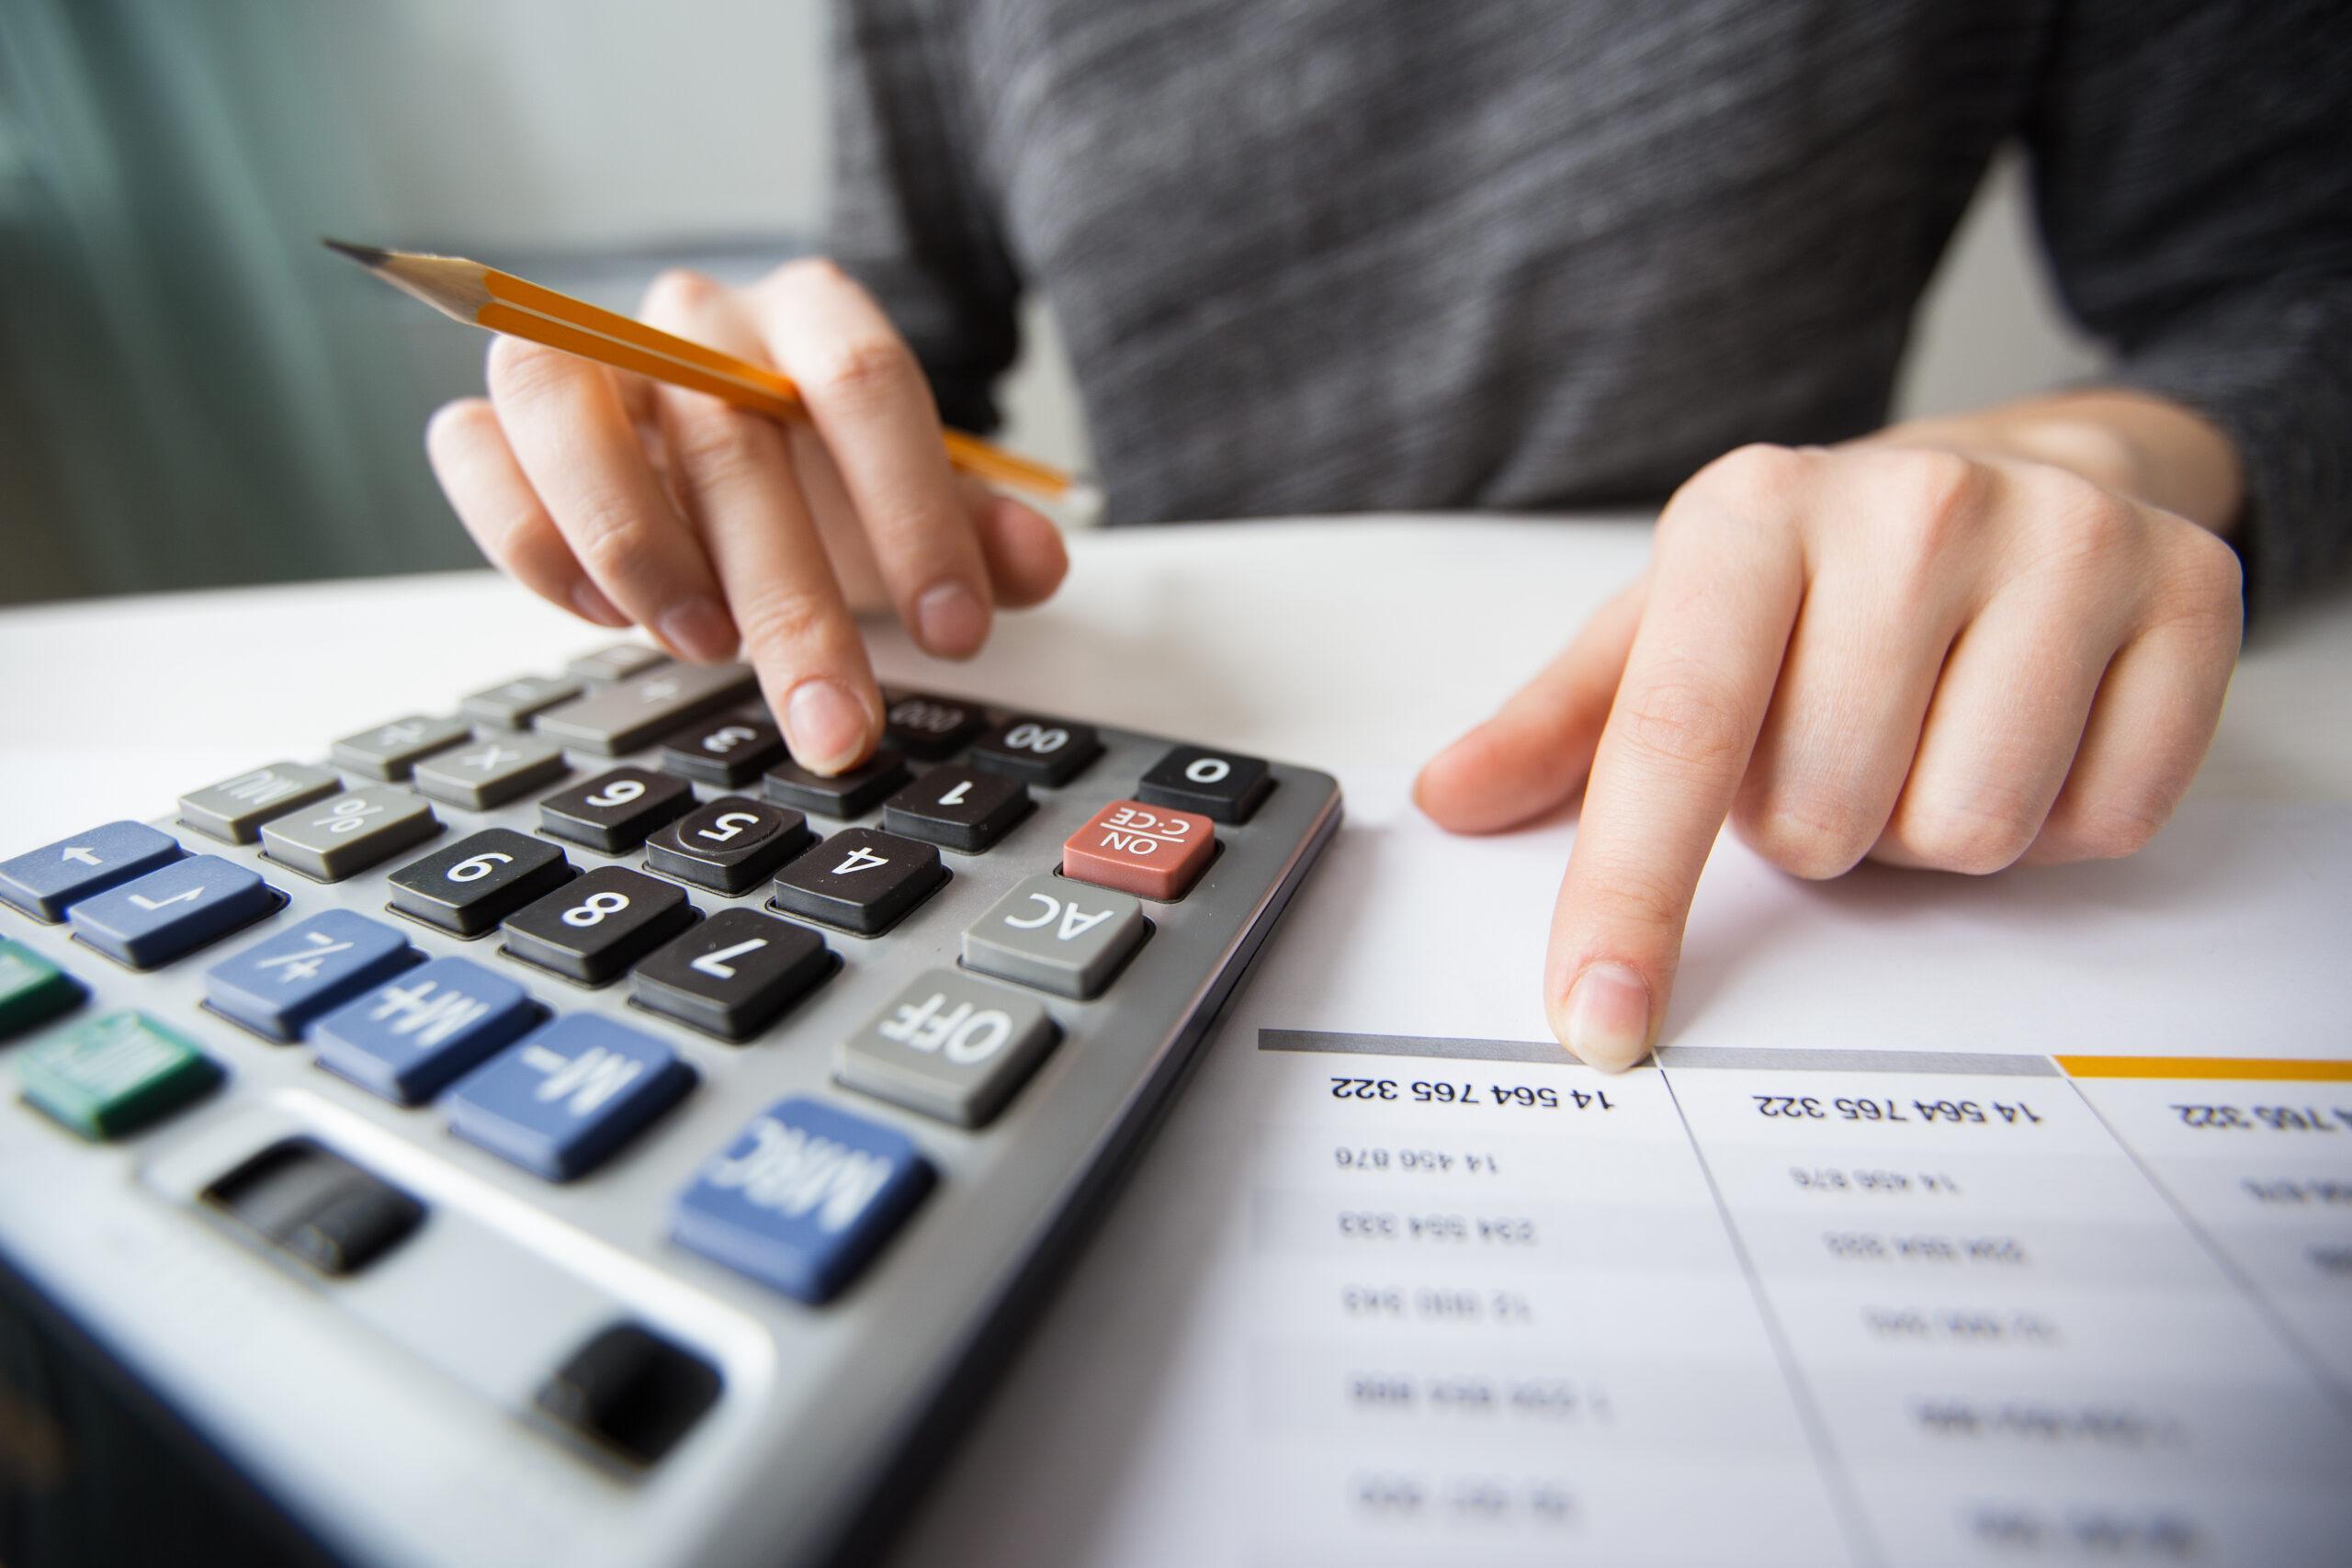 Pessoa com calculadora, lápis e papel